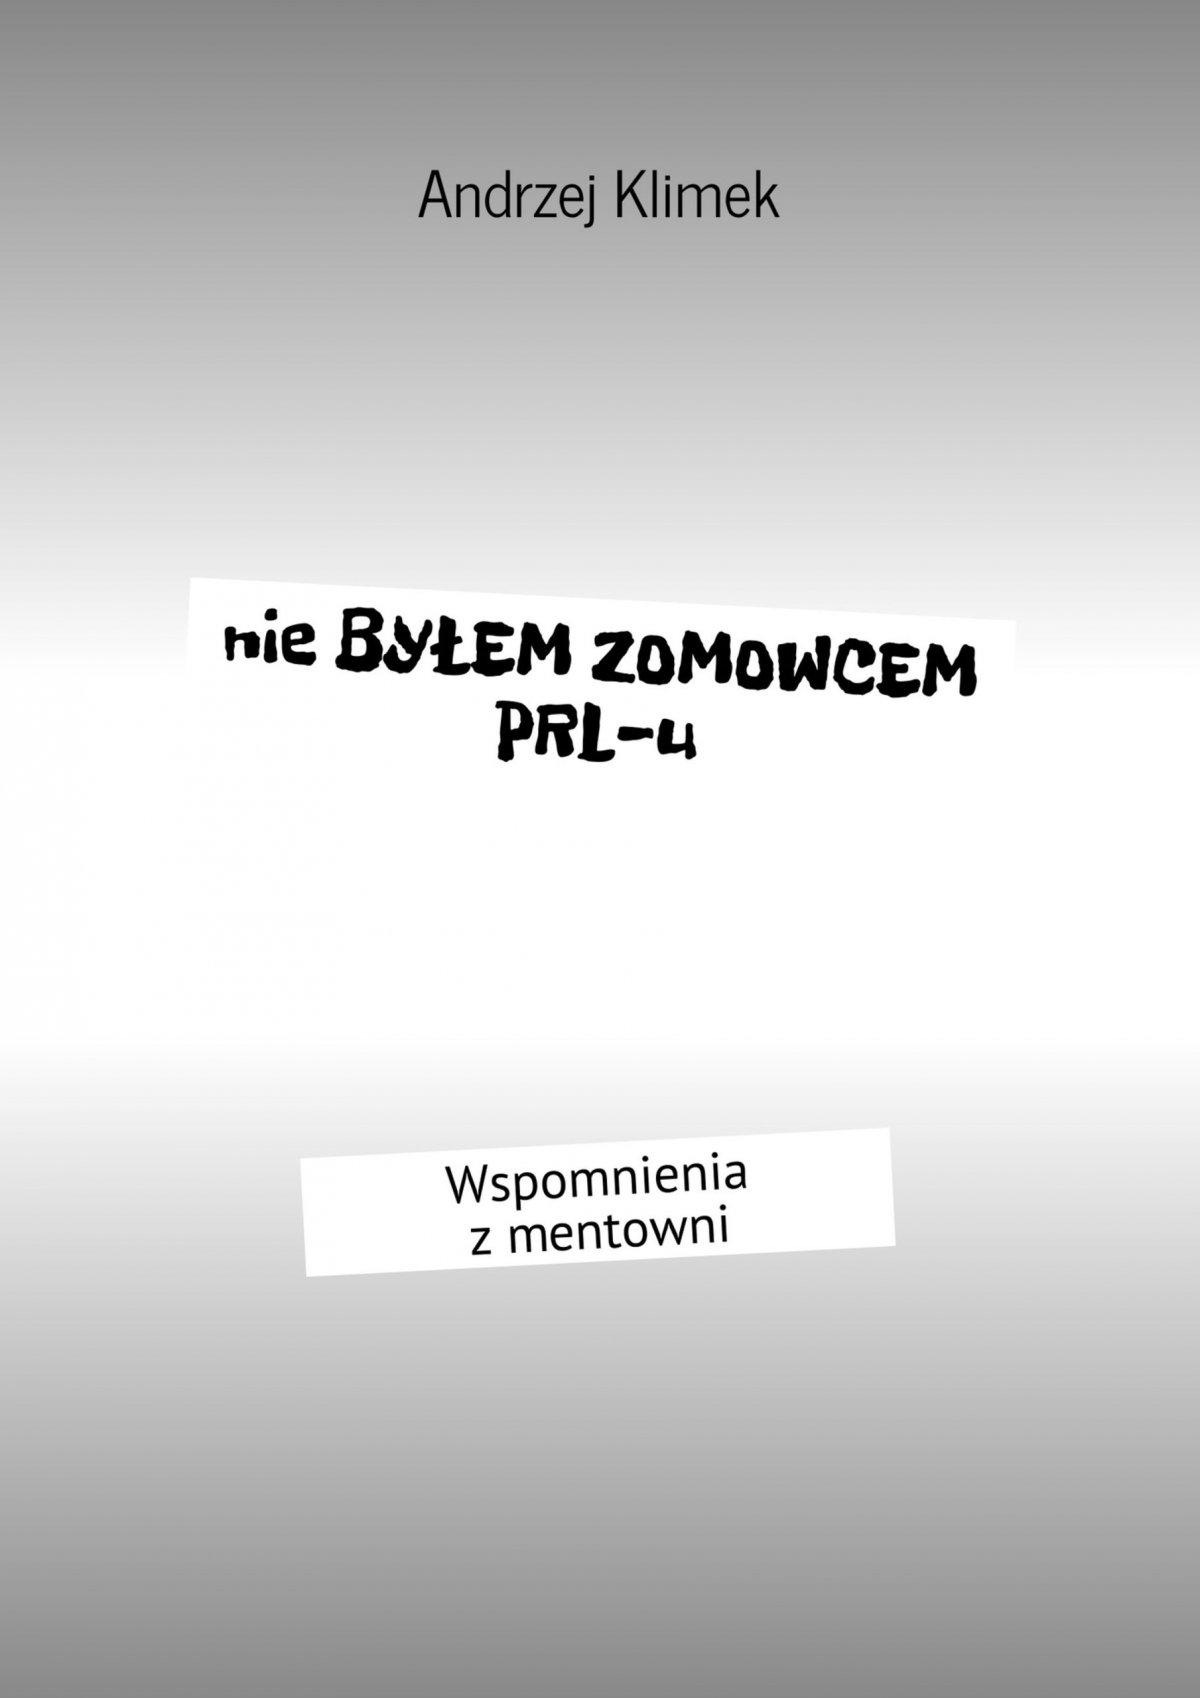 Nie byłem zomowcem PRL-u - Ebook (Książka EPUB) do pobrania w formacie EPUB